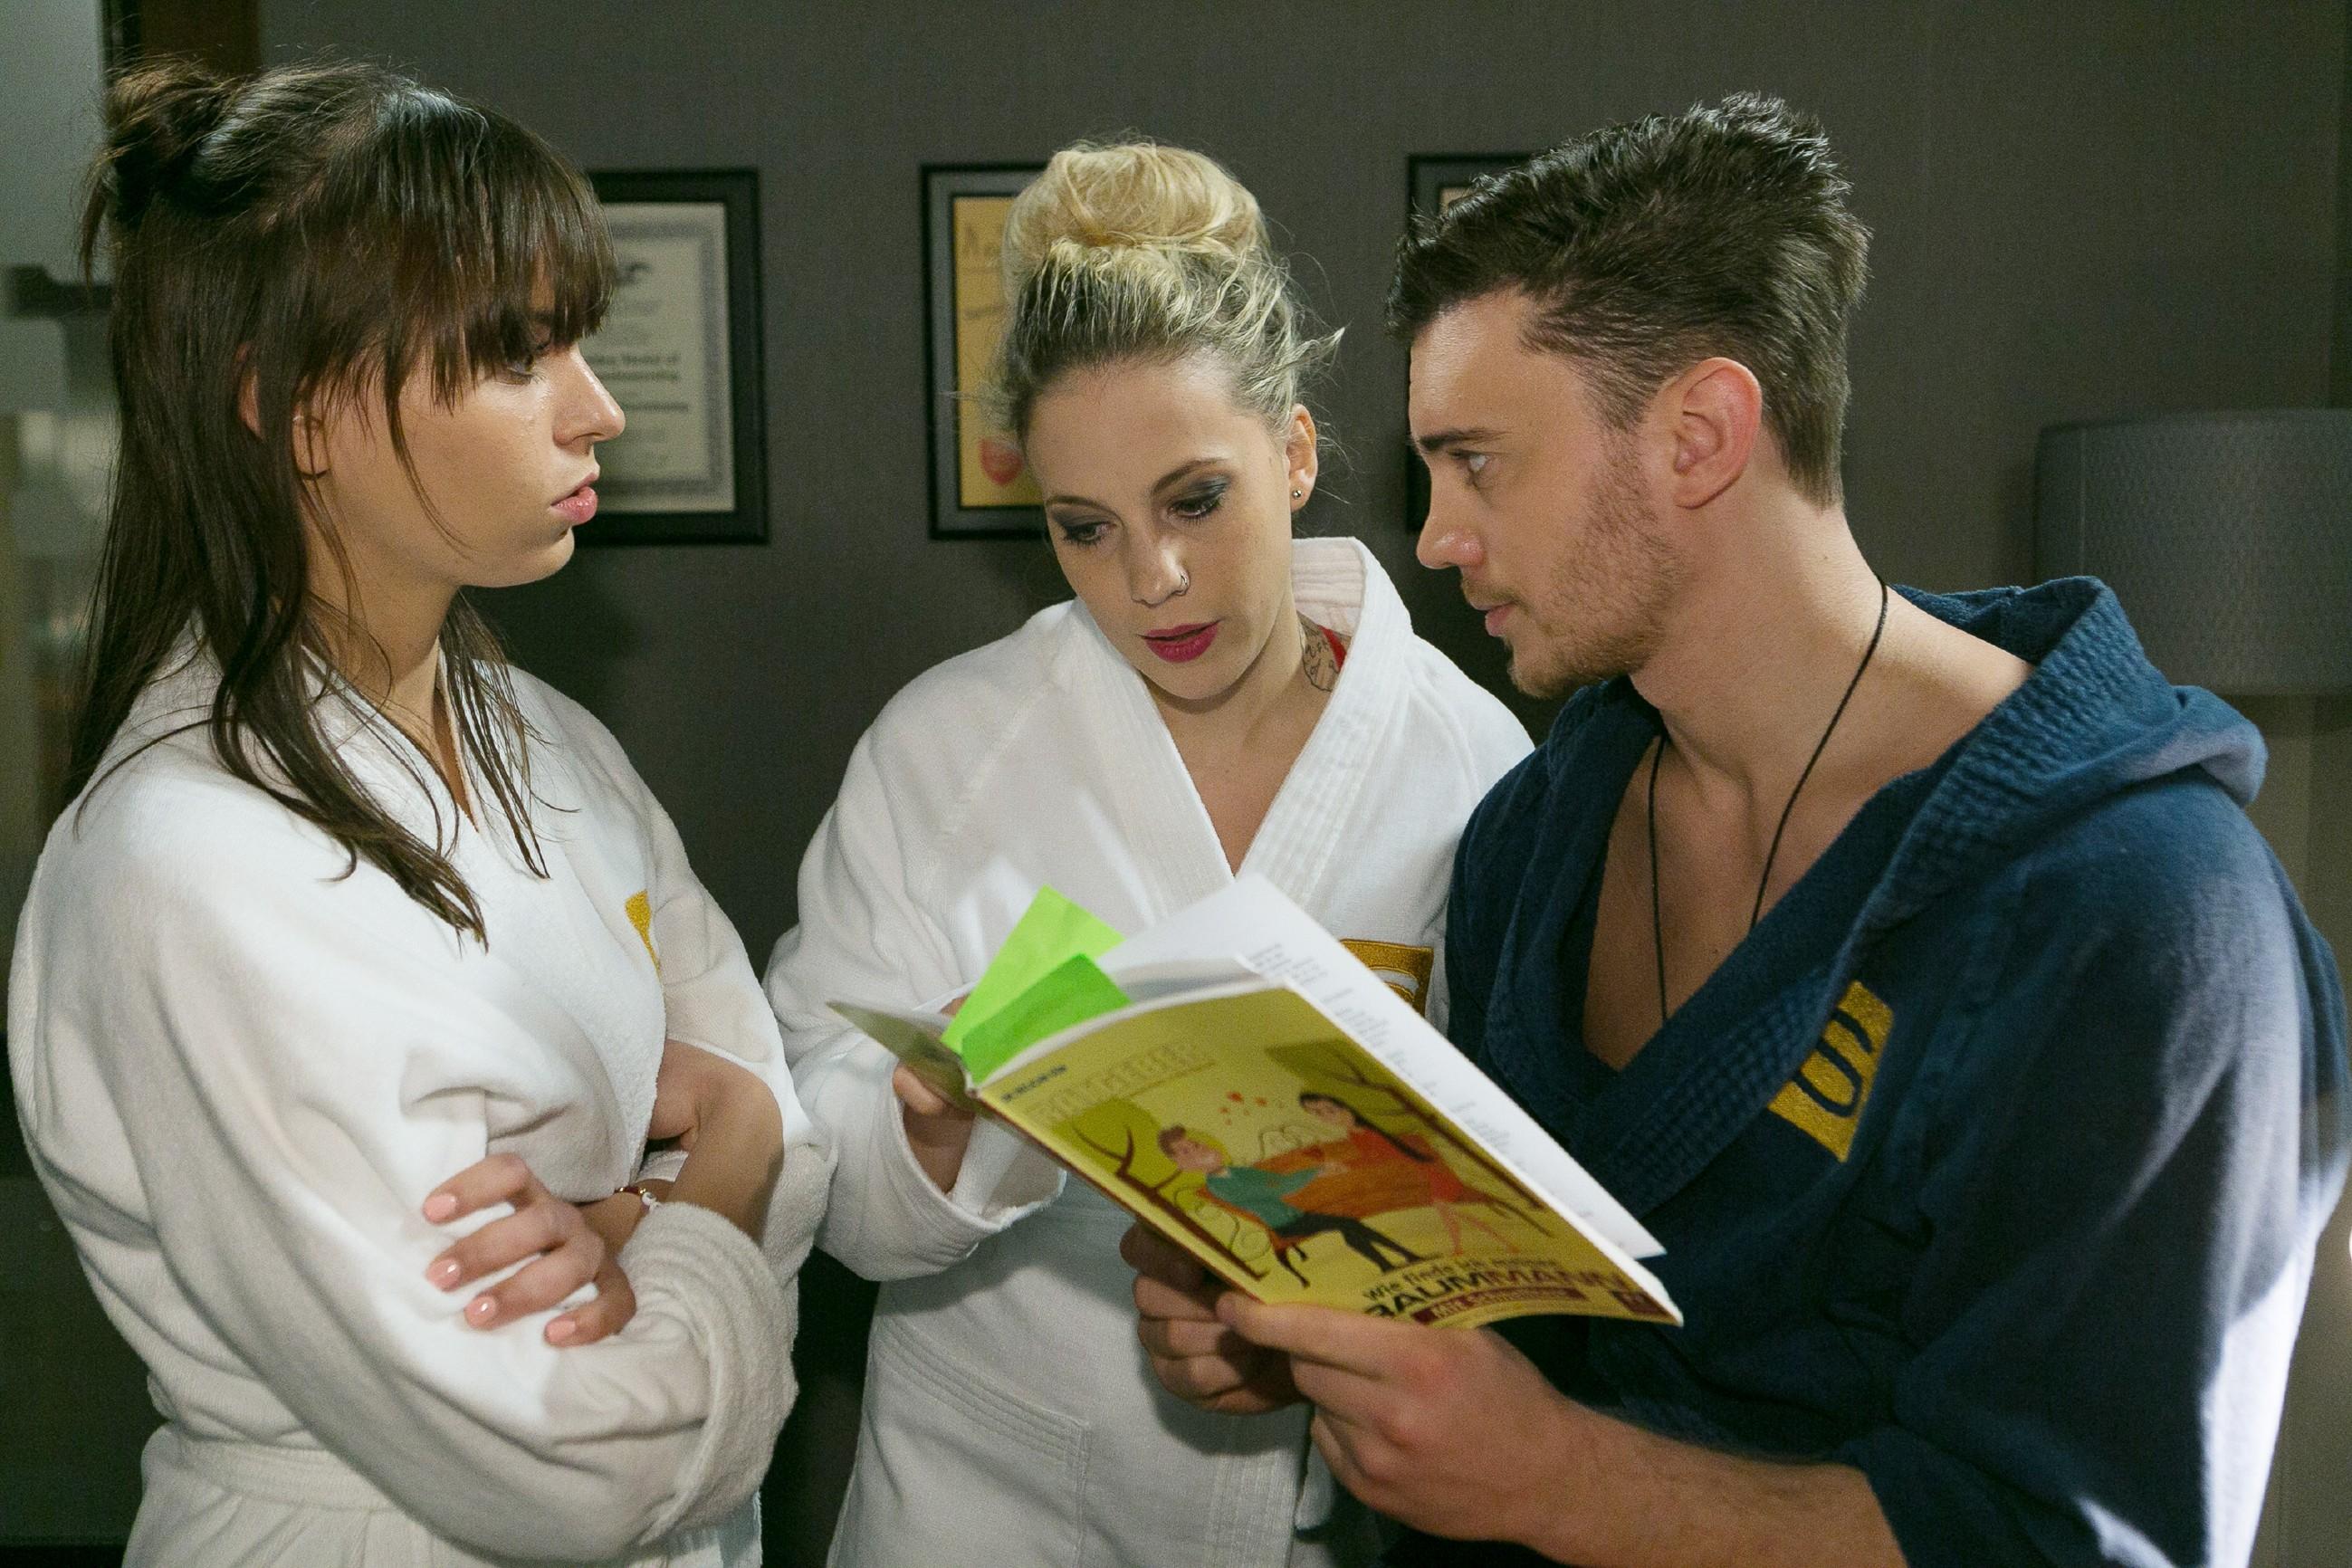 Michelle (Franziska Benz, l.) und Iva (Christina Klein) setzen mit Ronny (Bela Klentze) die Party in Richards Büro fort und Ronny gibt die Testergebnisse aus dem Partnerschaftstest bekannt. (Quelle: RTL / Kai Schulz)